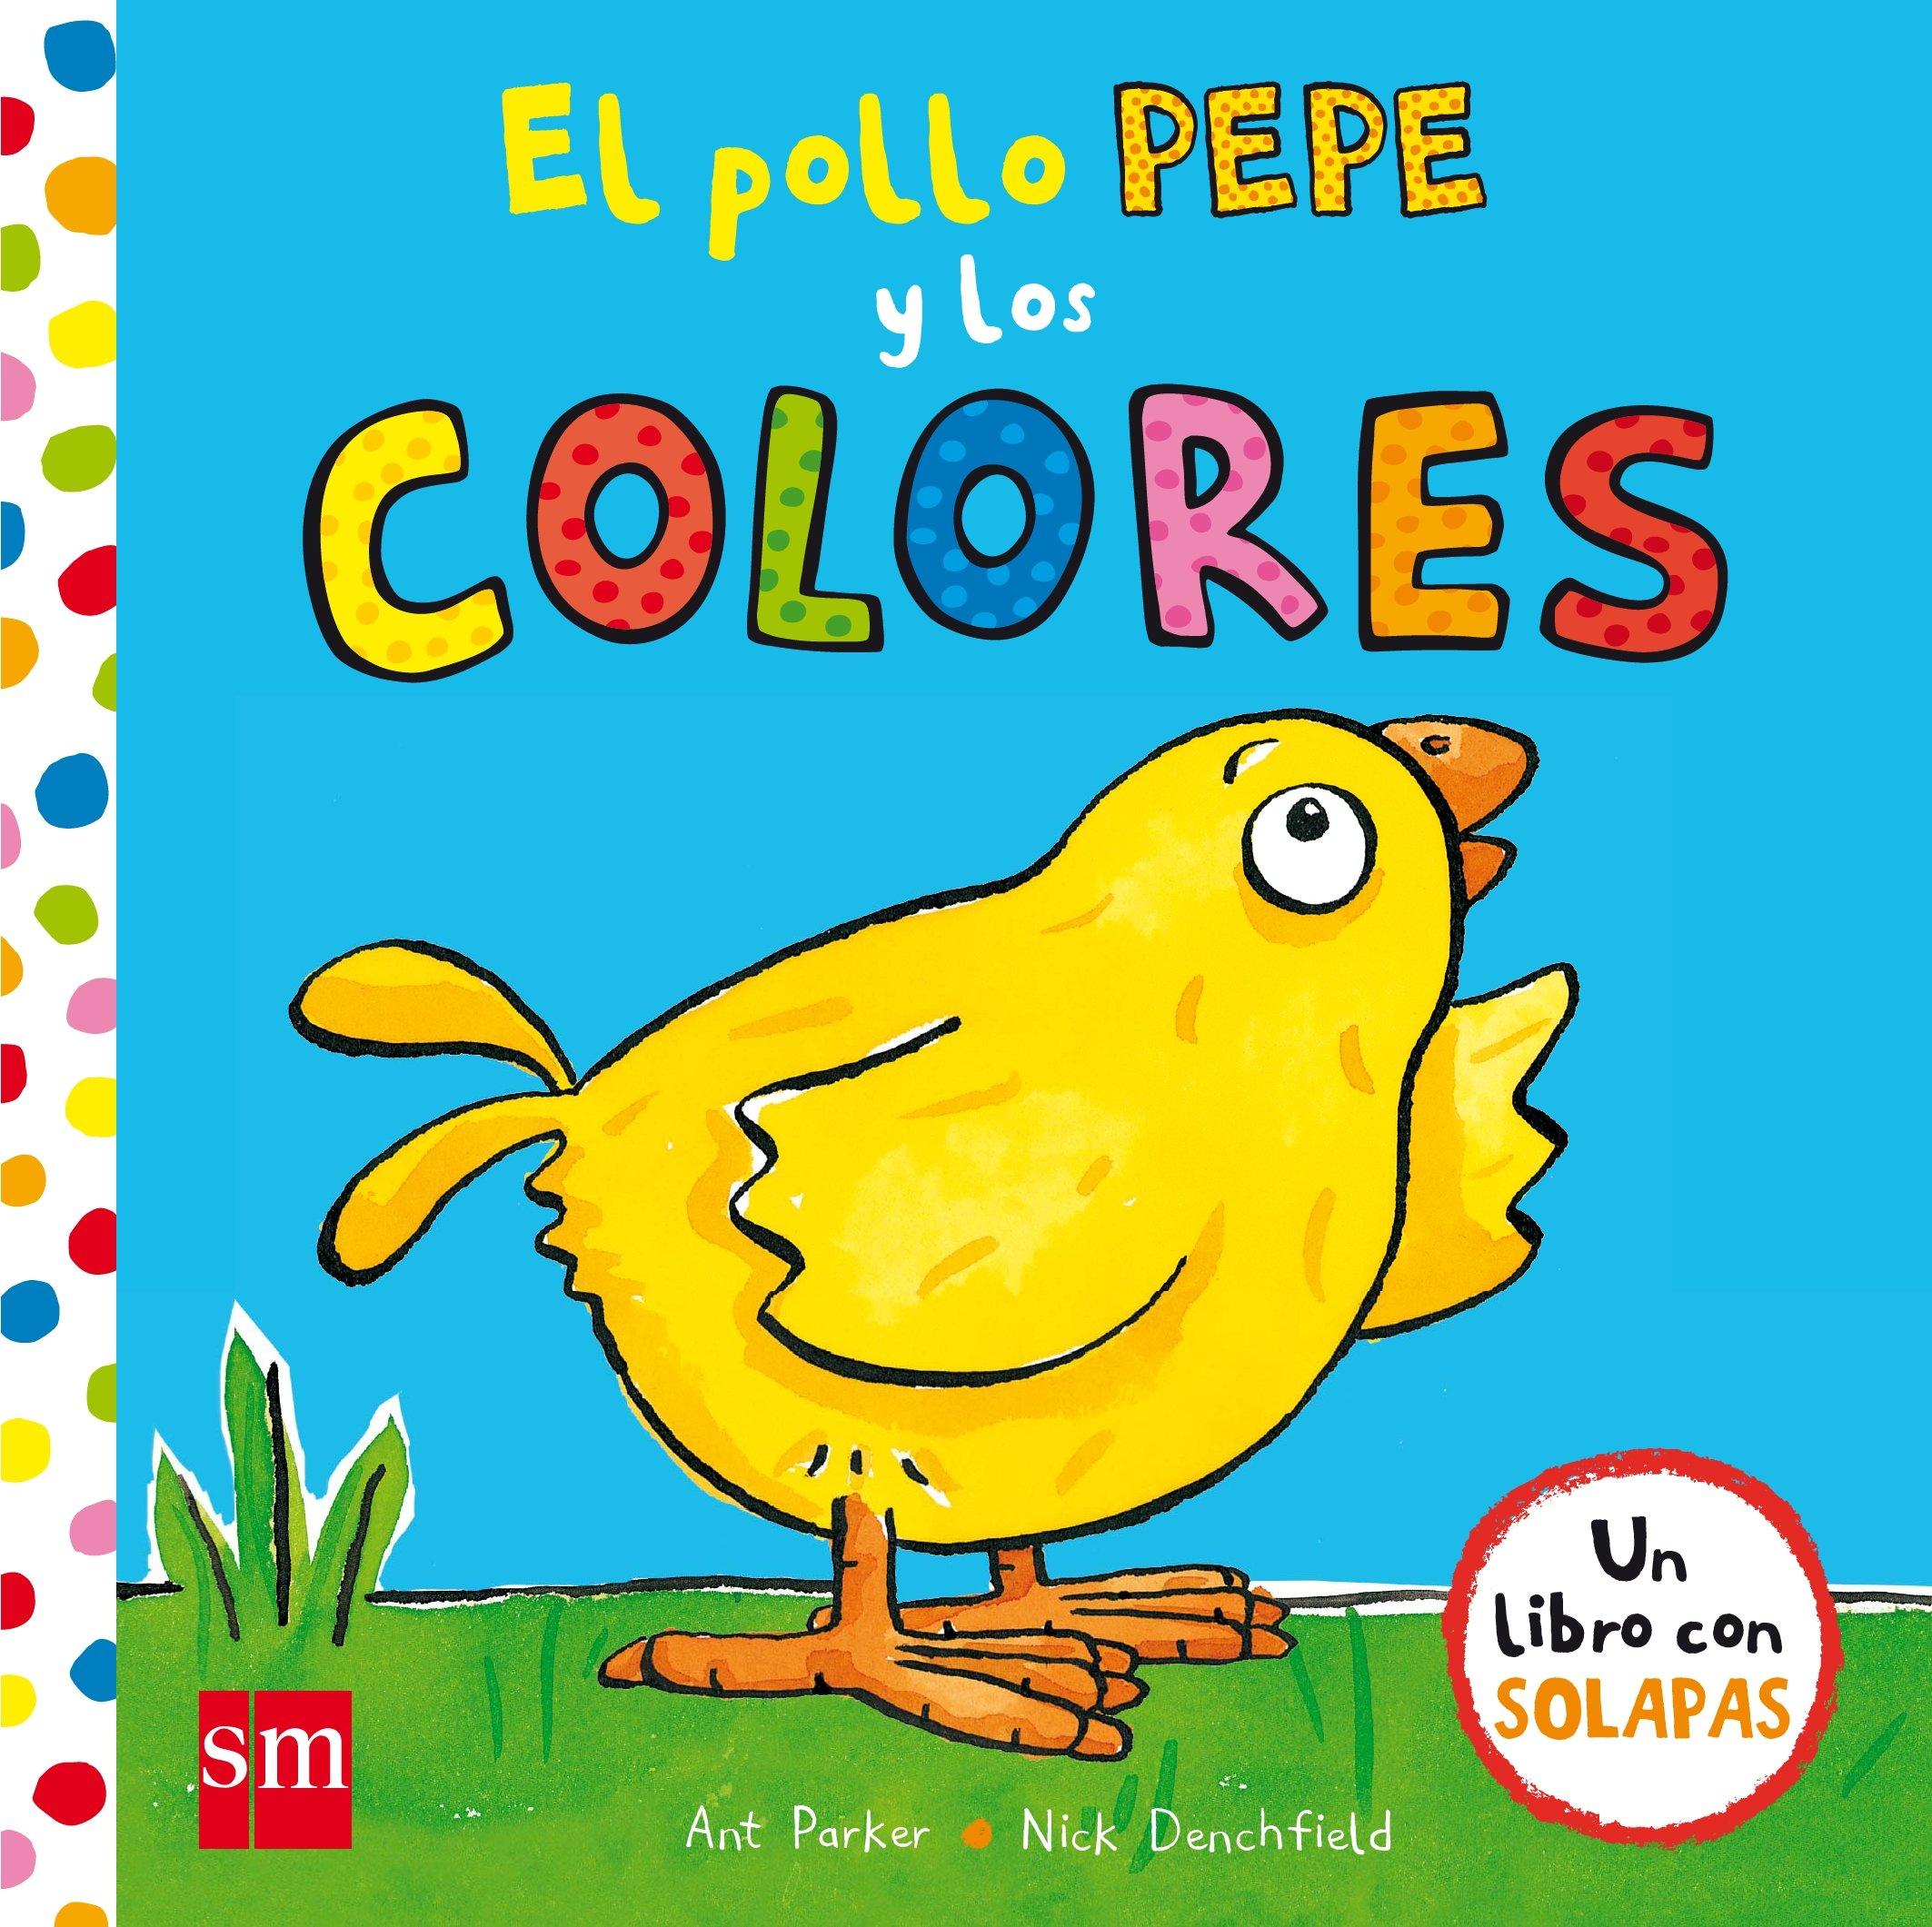 El pollo Pepe y los colores El pollo Pepe y sus amigos: Amazon.es: Nick  Denchfield, Ant Parker, Iria Torres García: Libros